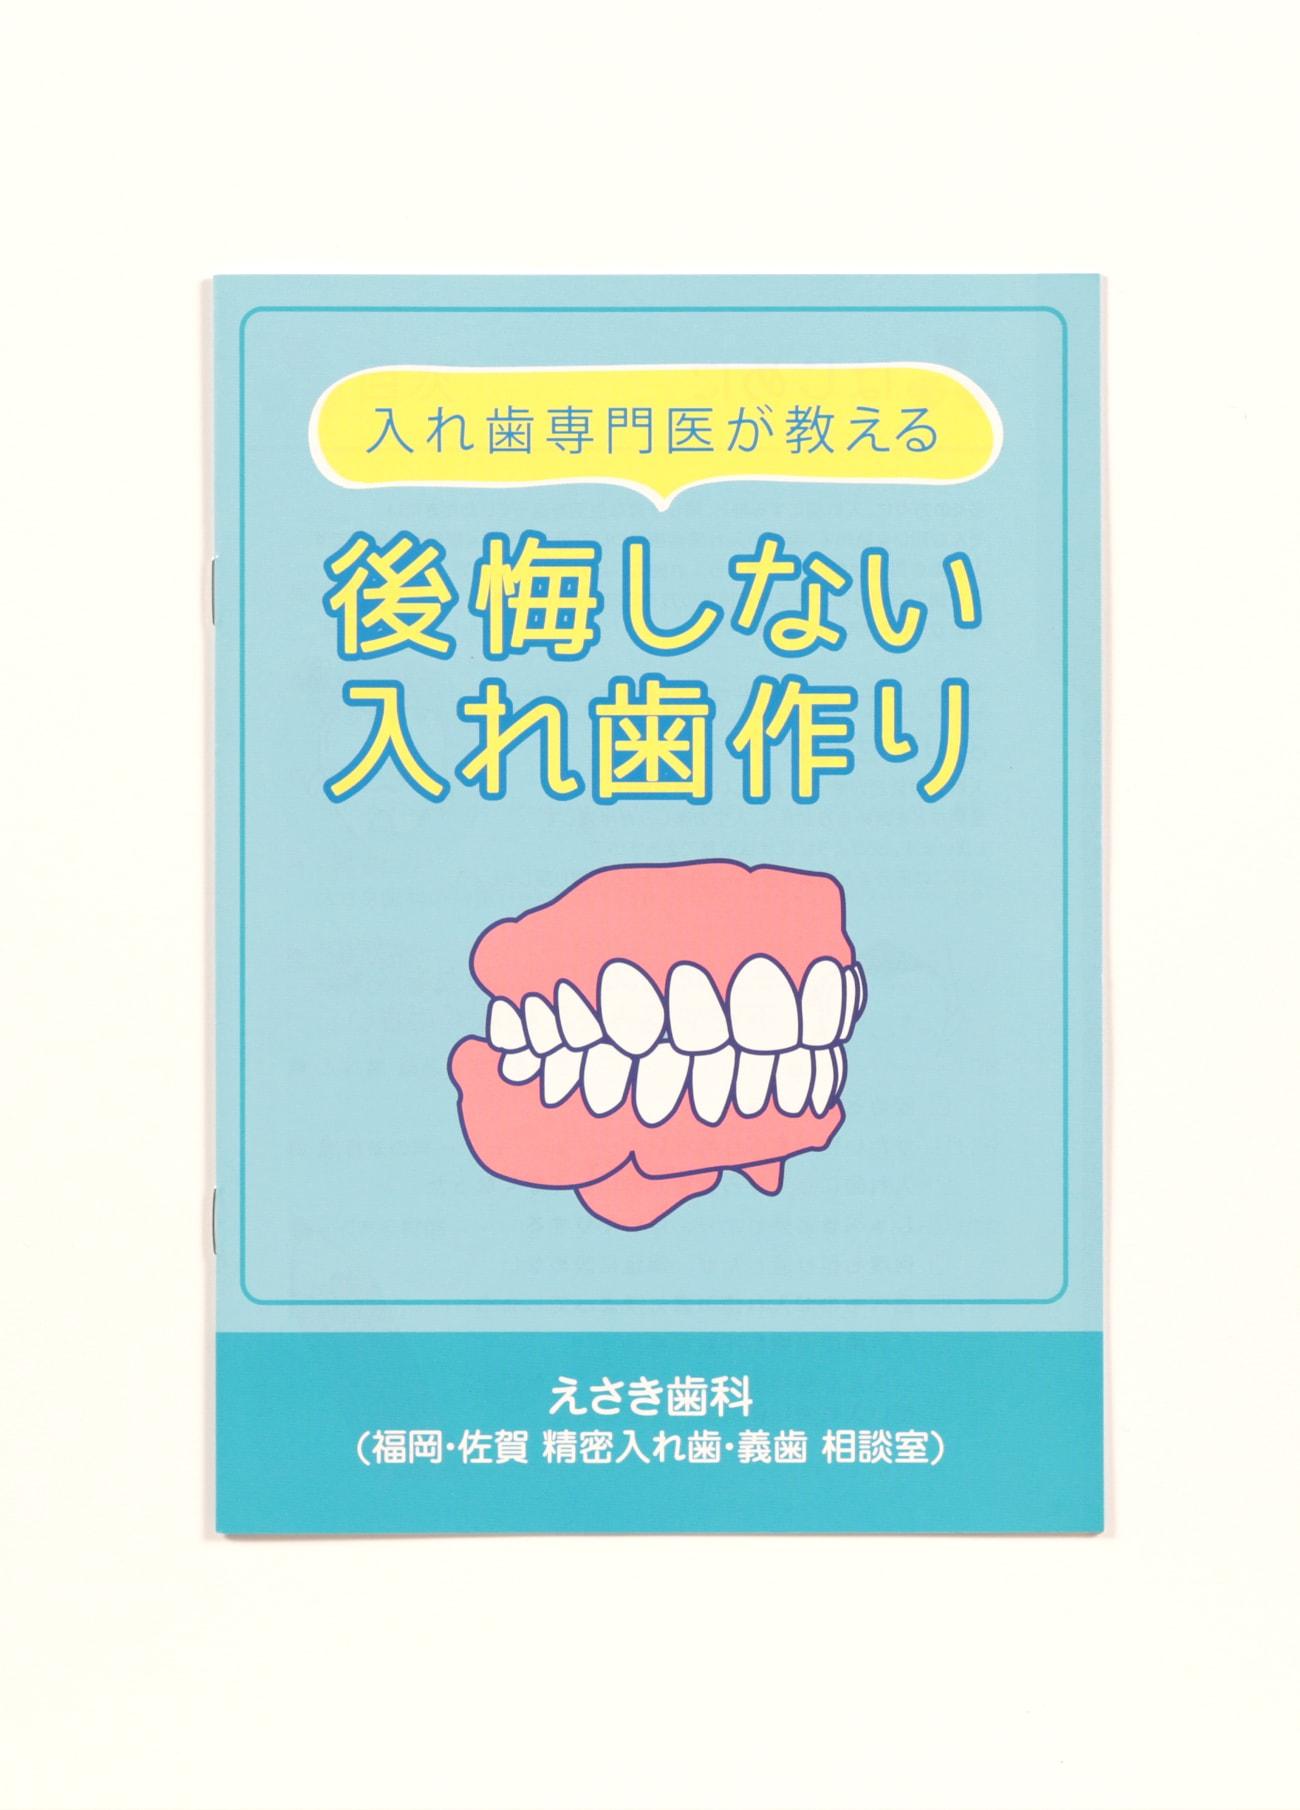 名古屋市 松年歯科クリニック 入れ歯パンフレット3